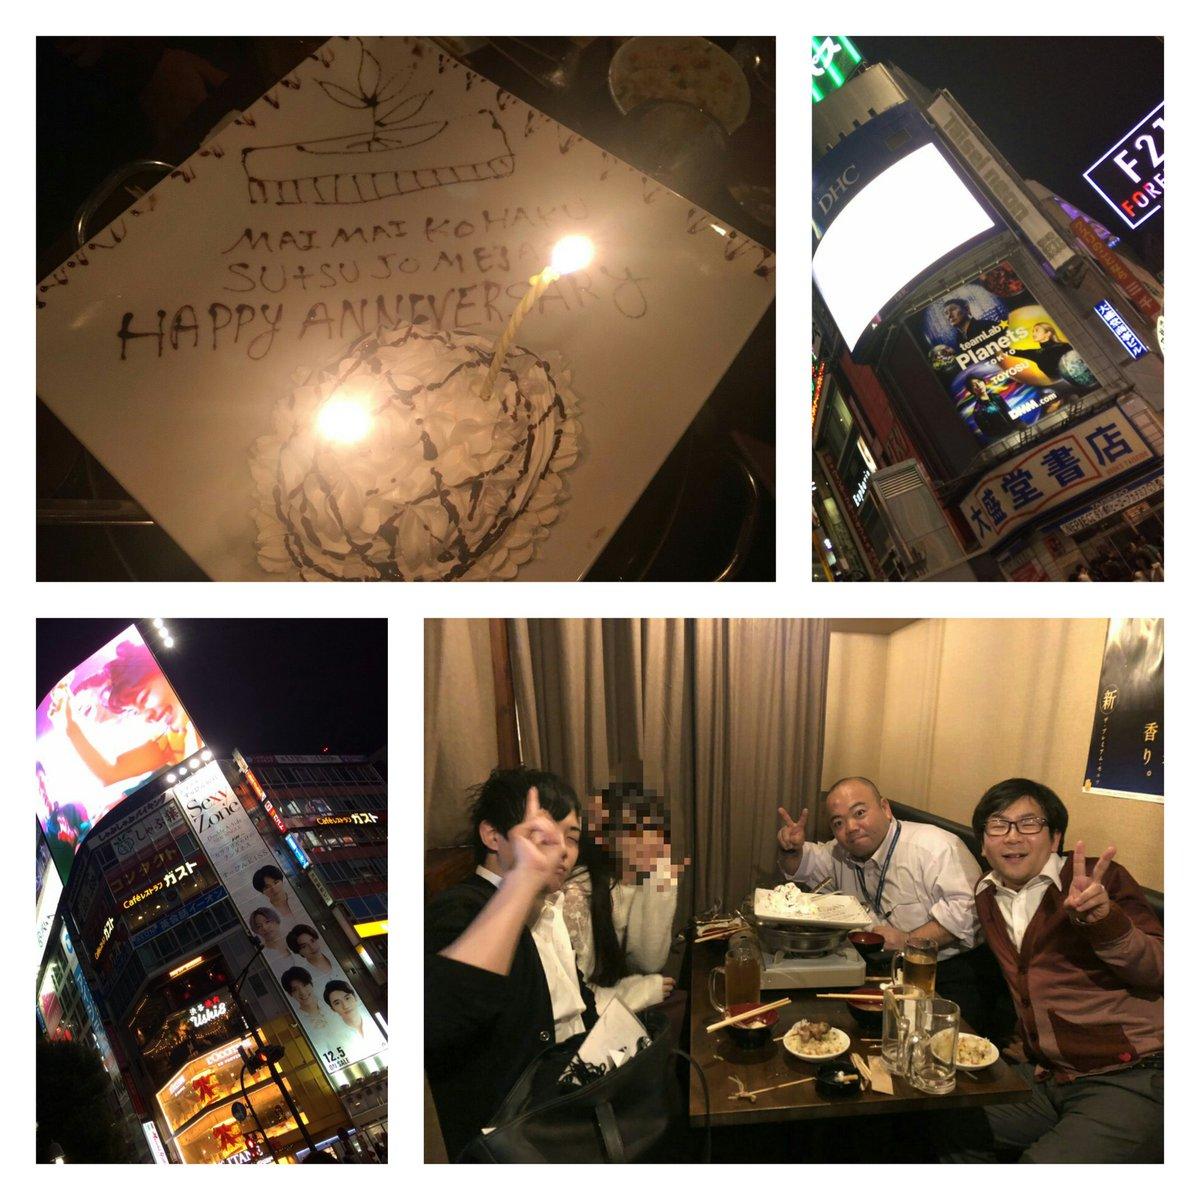 test ツイッターメディア - 先日でしたが…センター街の方々と 渋谷で忘年会でした(°∀°) 今回はサプライズ付きで盛り上がりました(笑) 紅白歌合戦出場を祈願! 同時にレコード大賞とFNS歌謡祭出場も(笑) 顔出し事務所NGの為…犯罪者並みのモザイク(笑) ありがとうございました(°∀°) #渋谷センター街 #2018忘年会 #ハチ公 https://t.co/0TcQNFpBkn